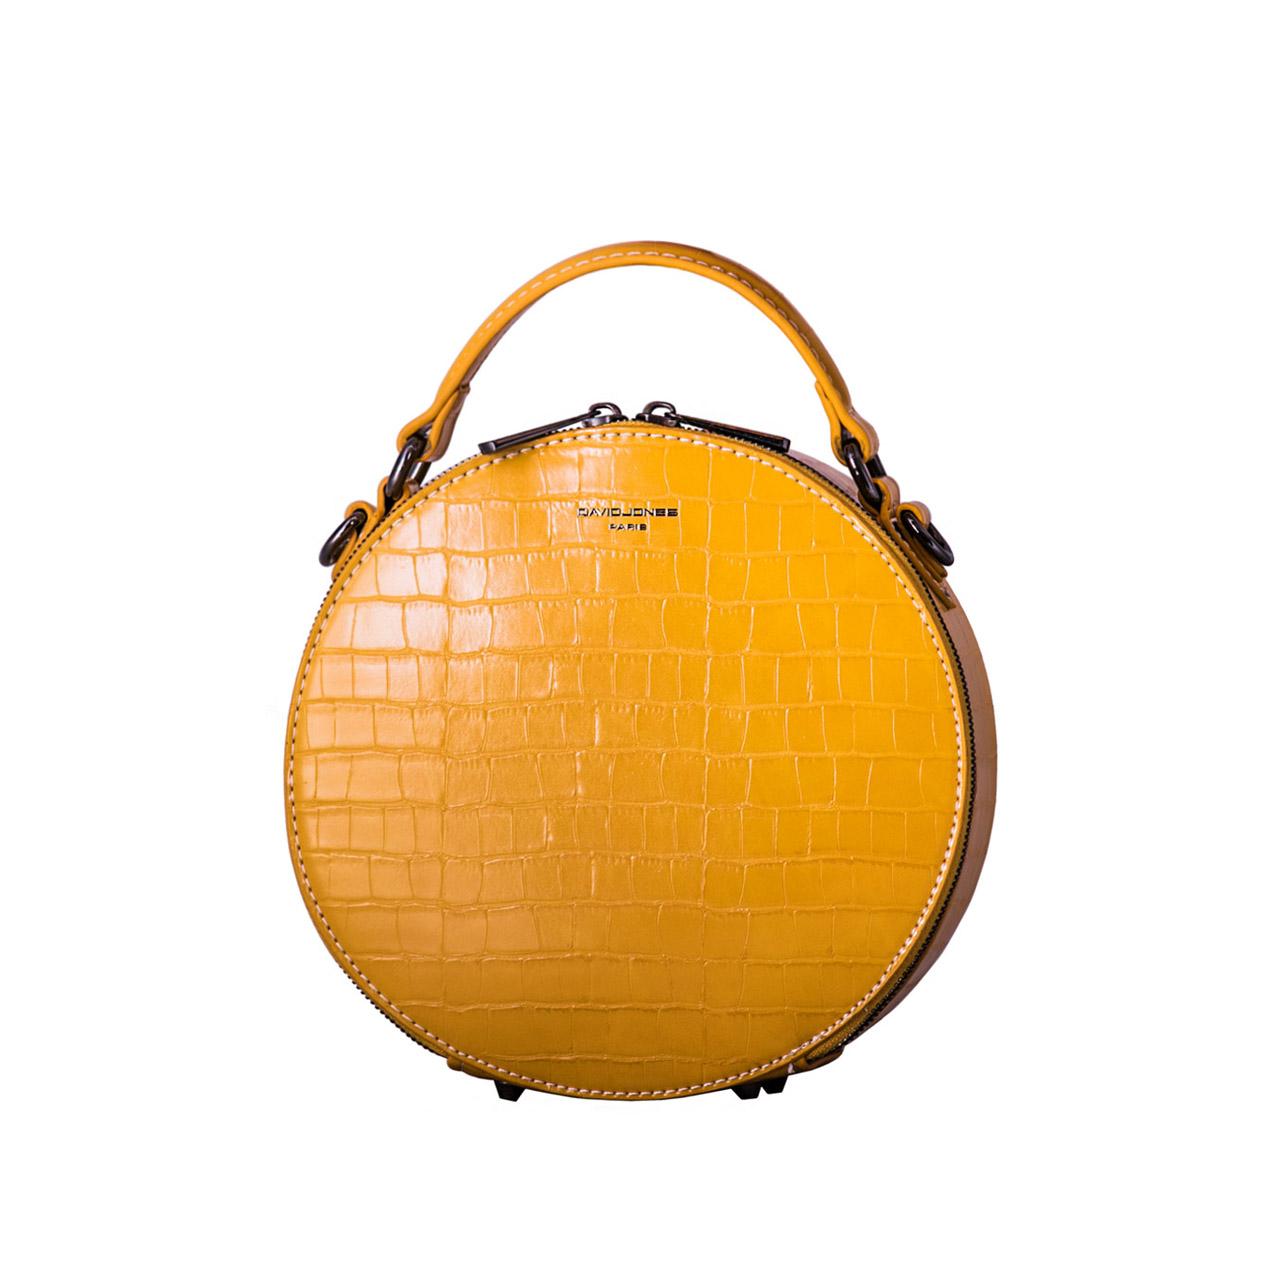 کیف دستی زنانه دیوید جونز مدل 2-6145